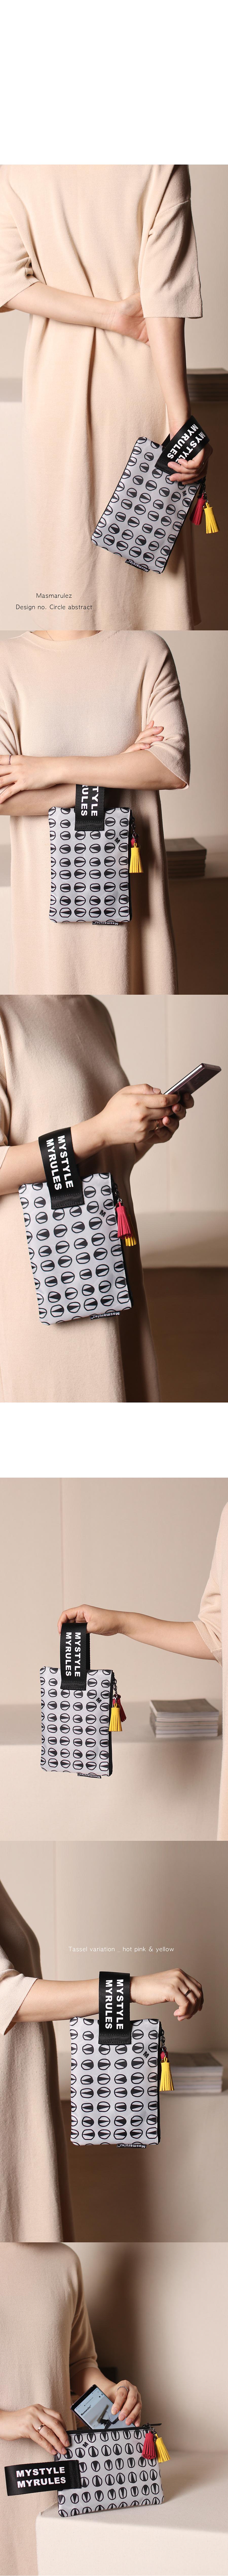 Circle abstract 마약 스트랩 파우치 - 마스마룰즈, 16,900원, 다용도파우치, 지퍼형